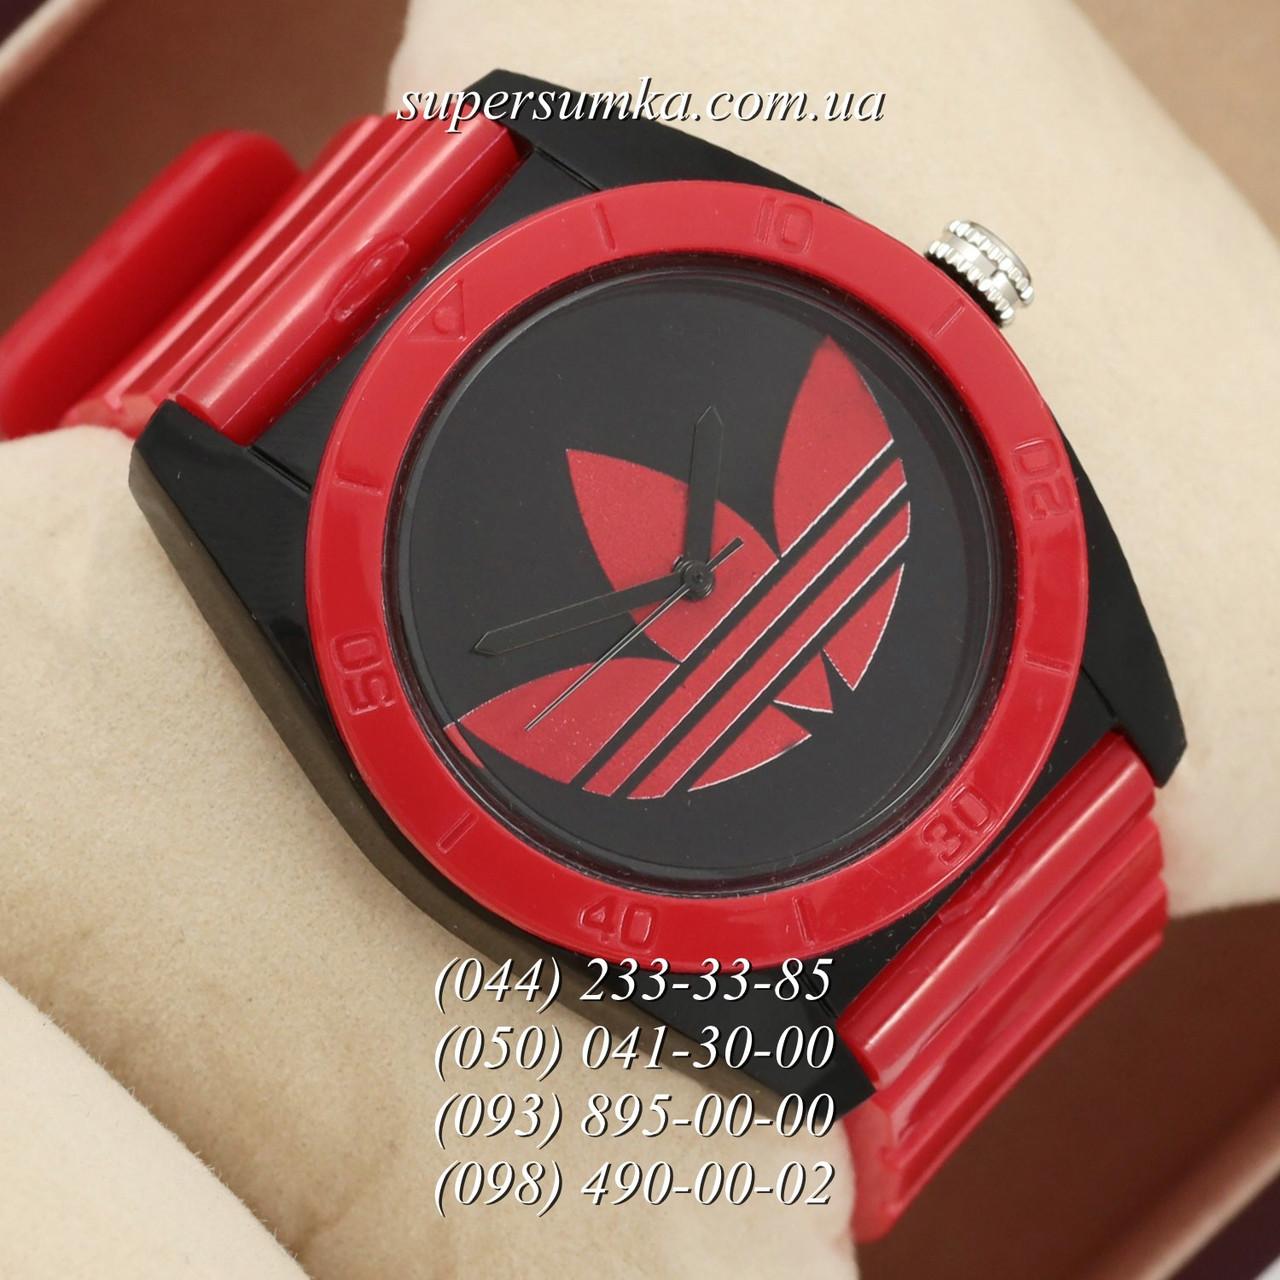 Удобные женские наручные часы Adidas Log 0927 Red\Black - Интернет магазин SUPERSUMKA в Киеве